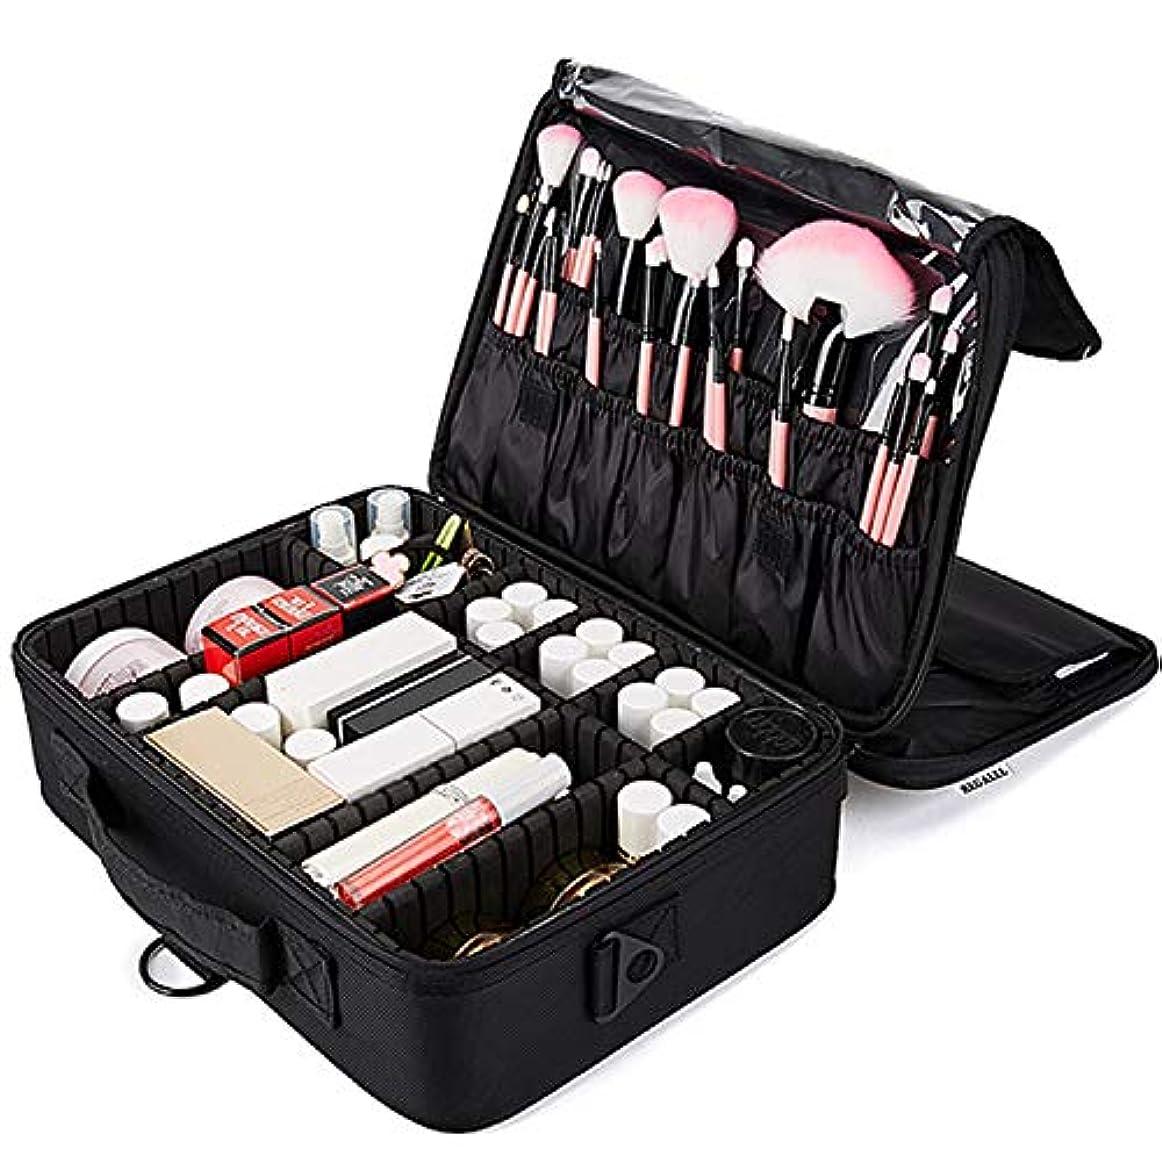 アミューズメント絶えずファランクスREGALLL メイクボックス 大容量 コスメボックス プロ用 持ち運び便利 高品質3層化粧箱 收納抜群コスメ収納 多機能 旅行用 ブラック